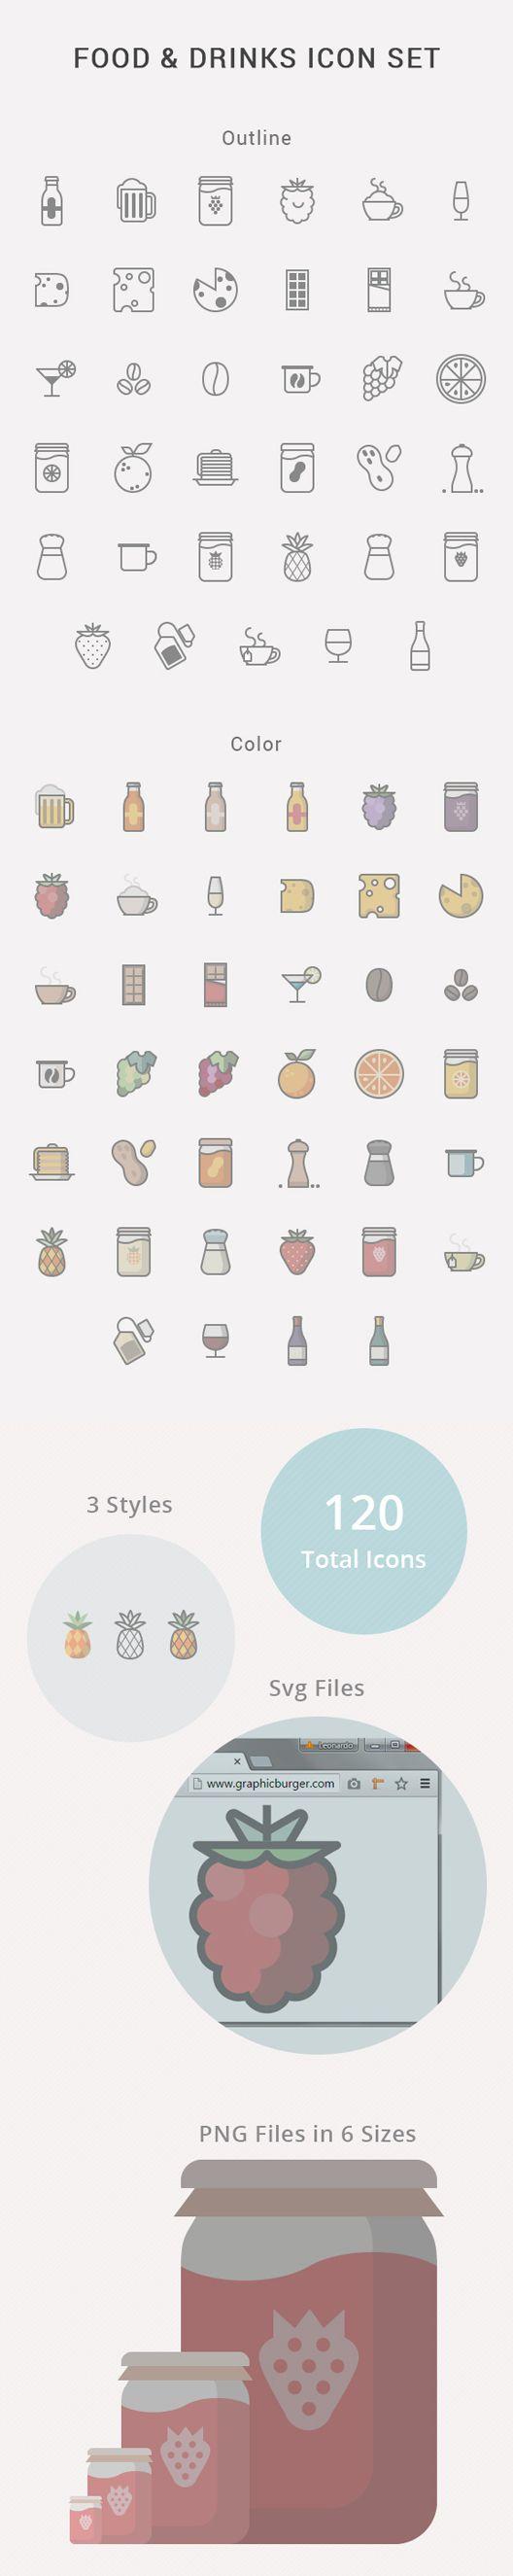 음식 음료 아이콘 .AI